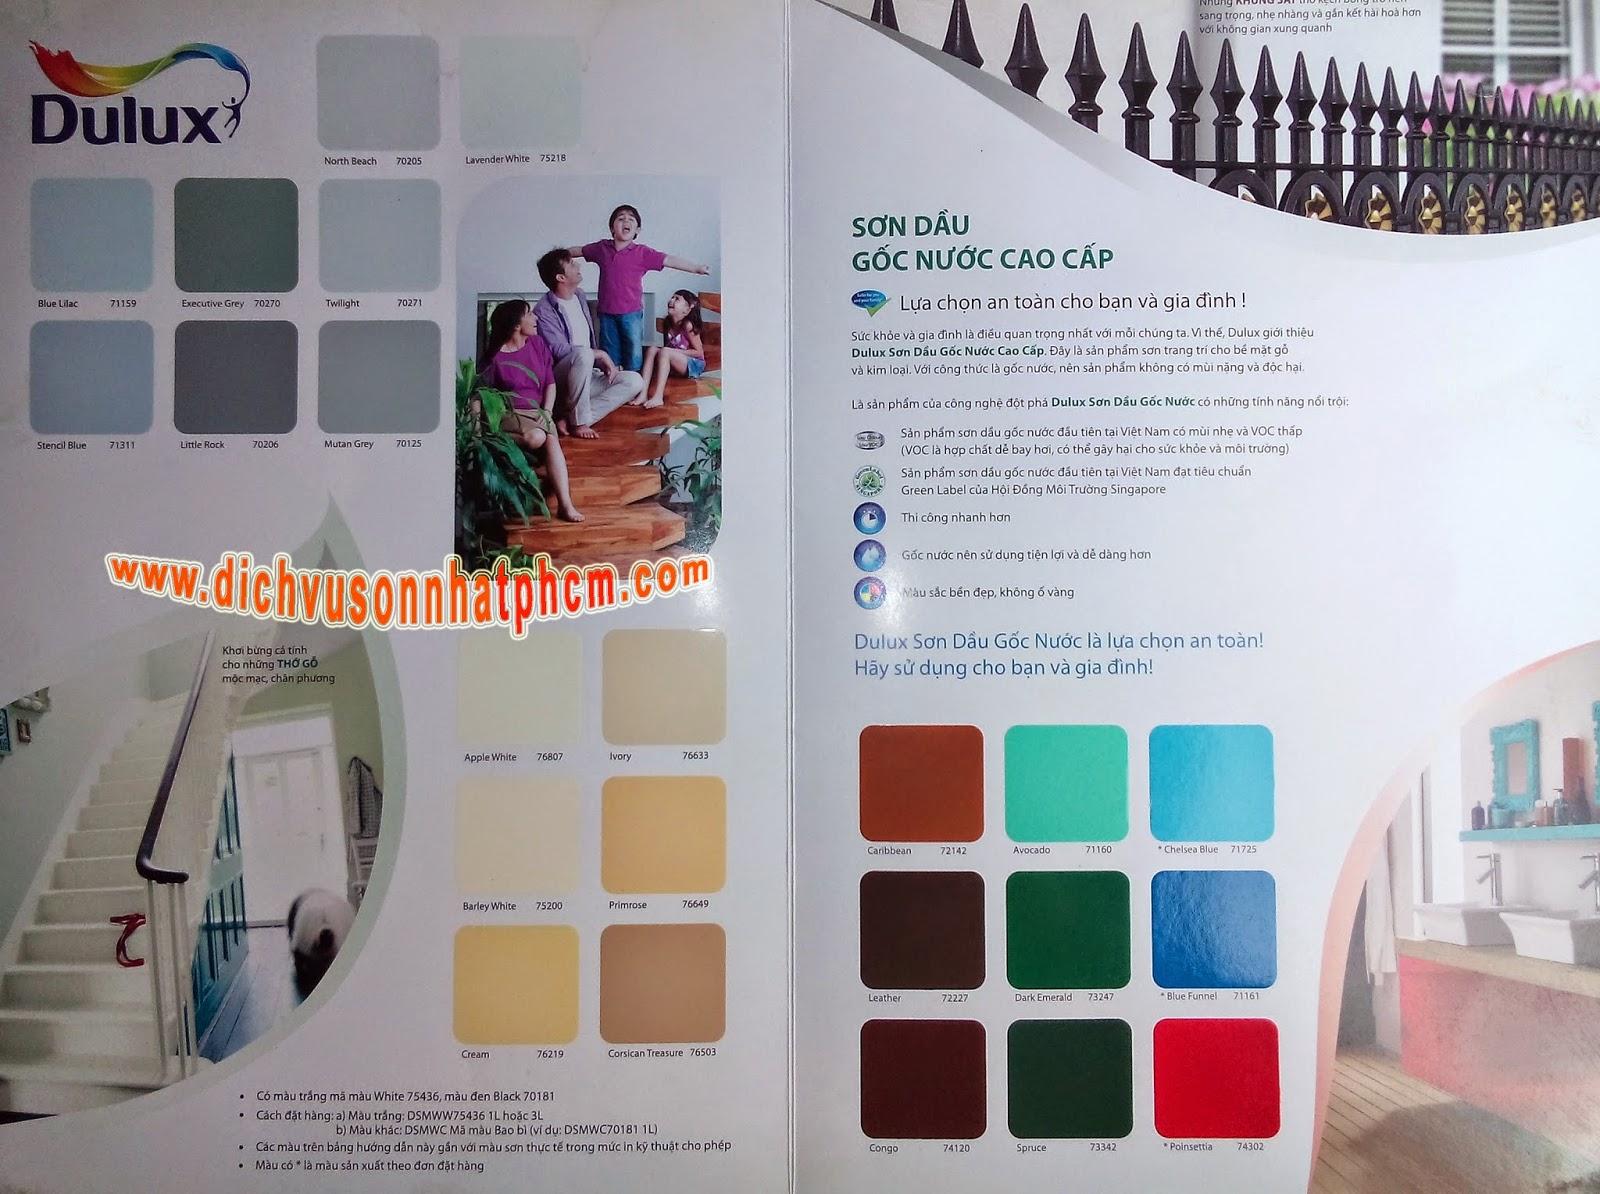 Bảng màu sơn dầu Dulux